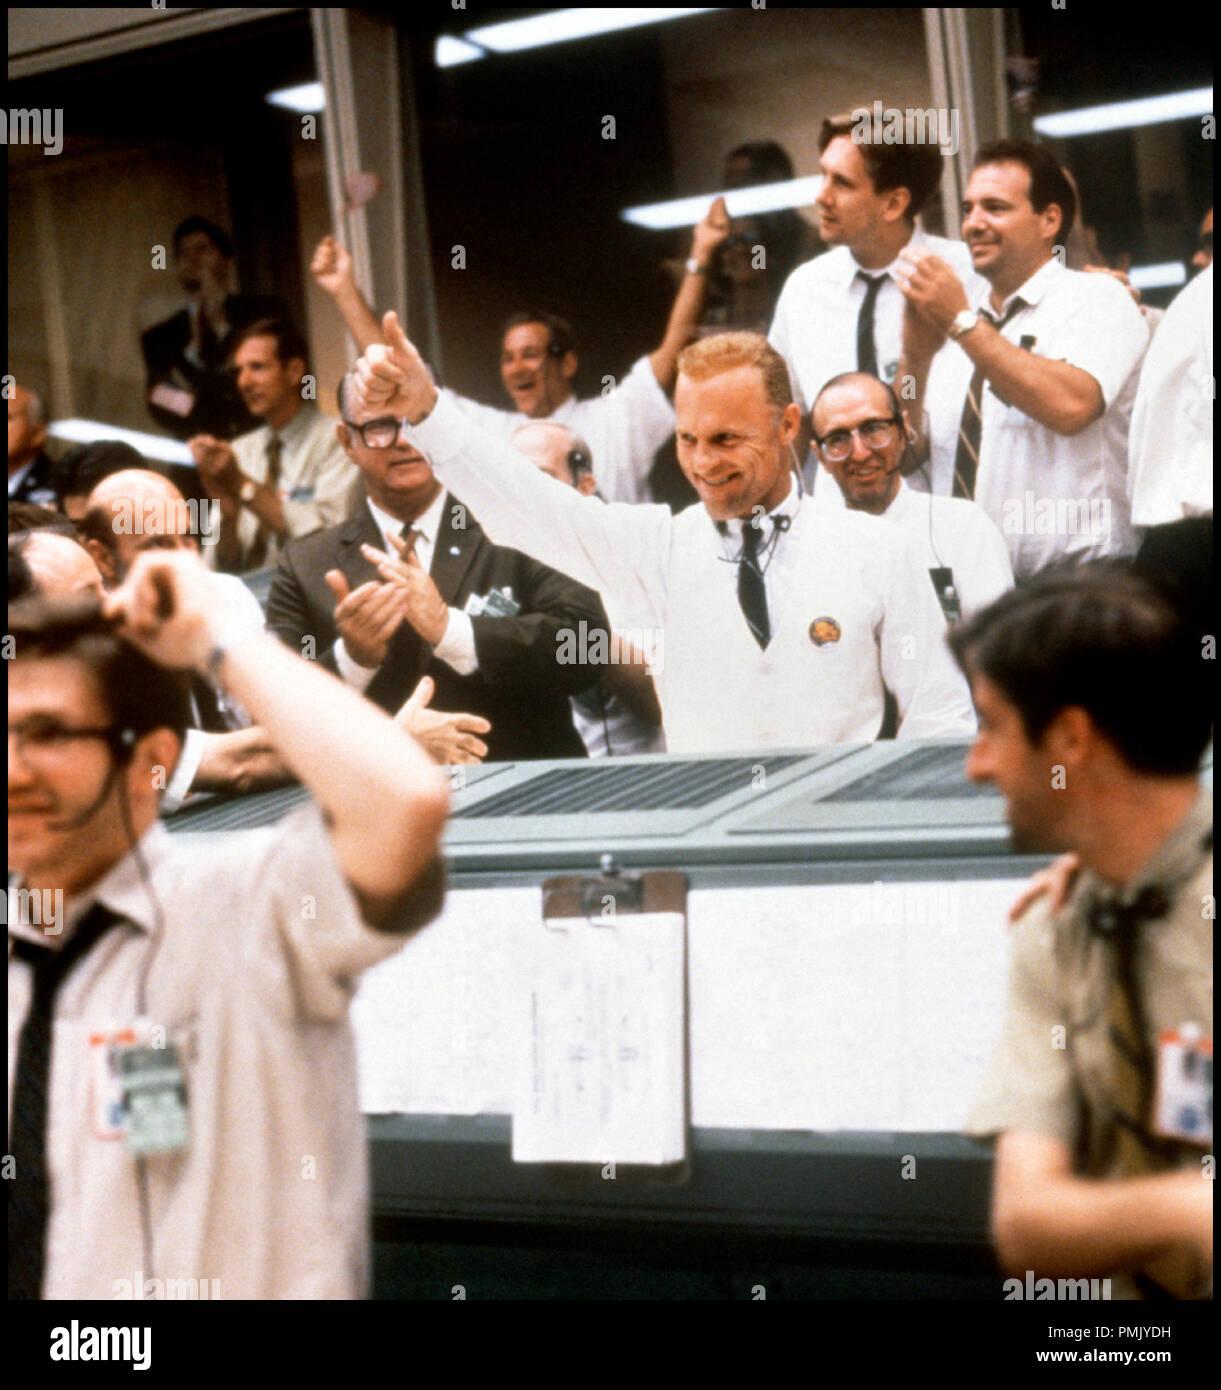 Prod DB © Universal Pictures / DR APOLLO 13 (APOLLO 13) de Ron Howard 1994 USA avec Ed Harris Nasa, mission spatiale, histoire vraie, poste de commandement, QG, applaudissement, réussite, exploit, pouce en l'air d'apres le livre de Jim Lovell et Jeffrey Kluger 'Lost Moon' - Stock Image